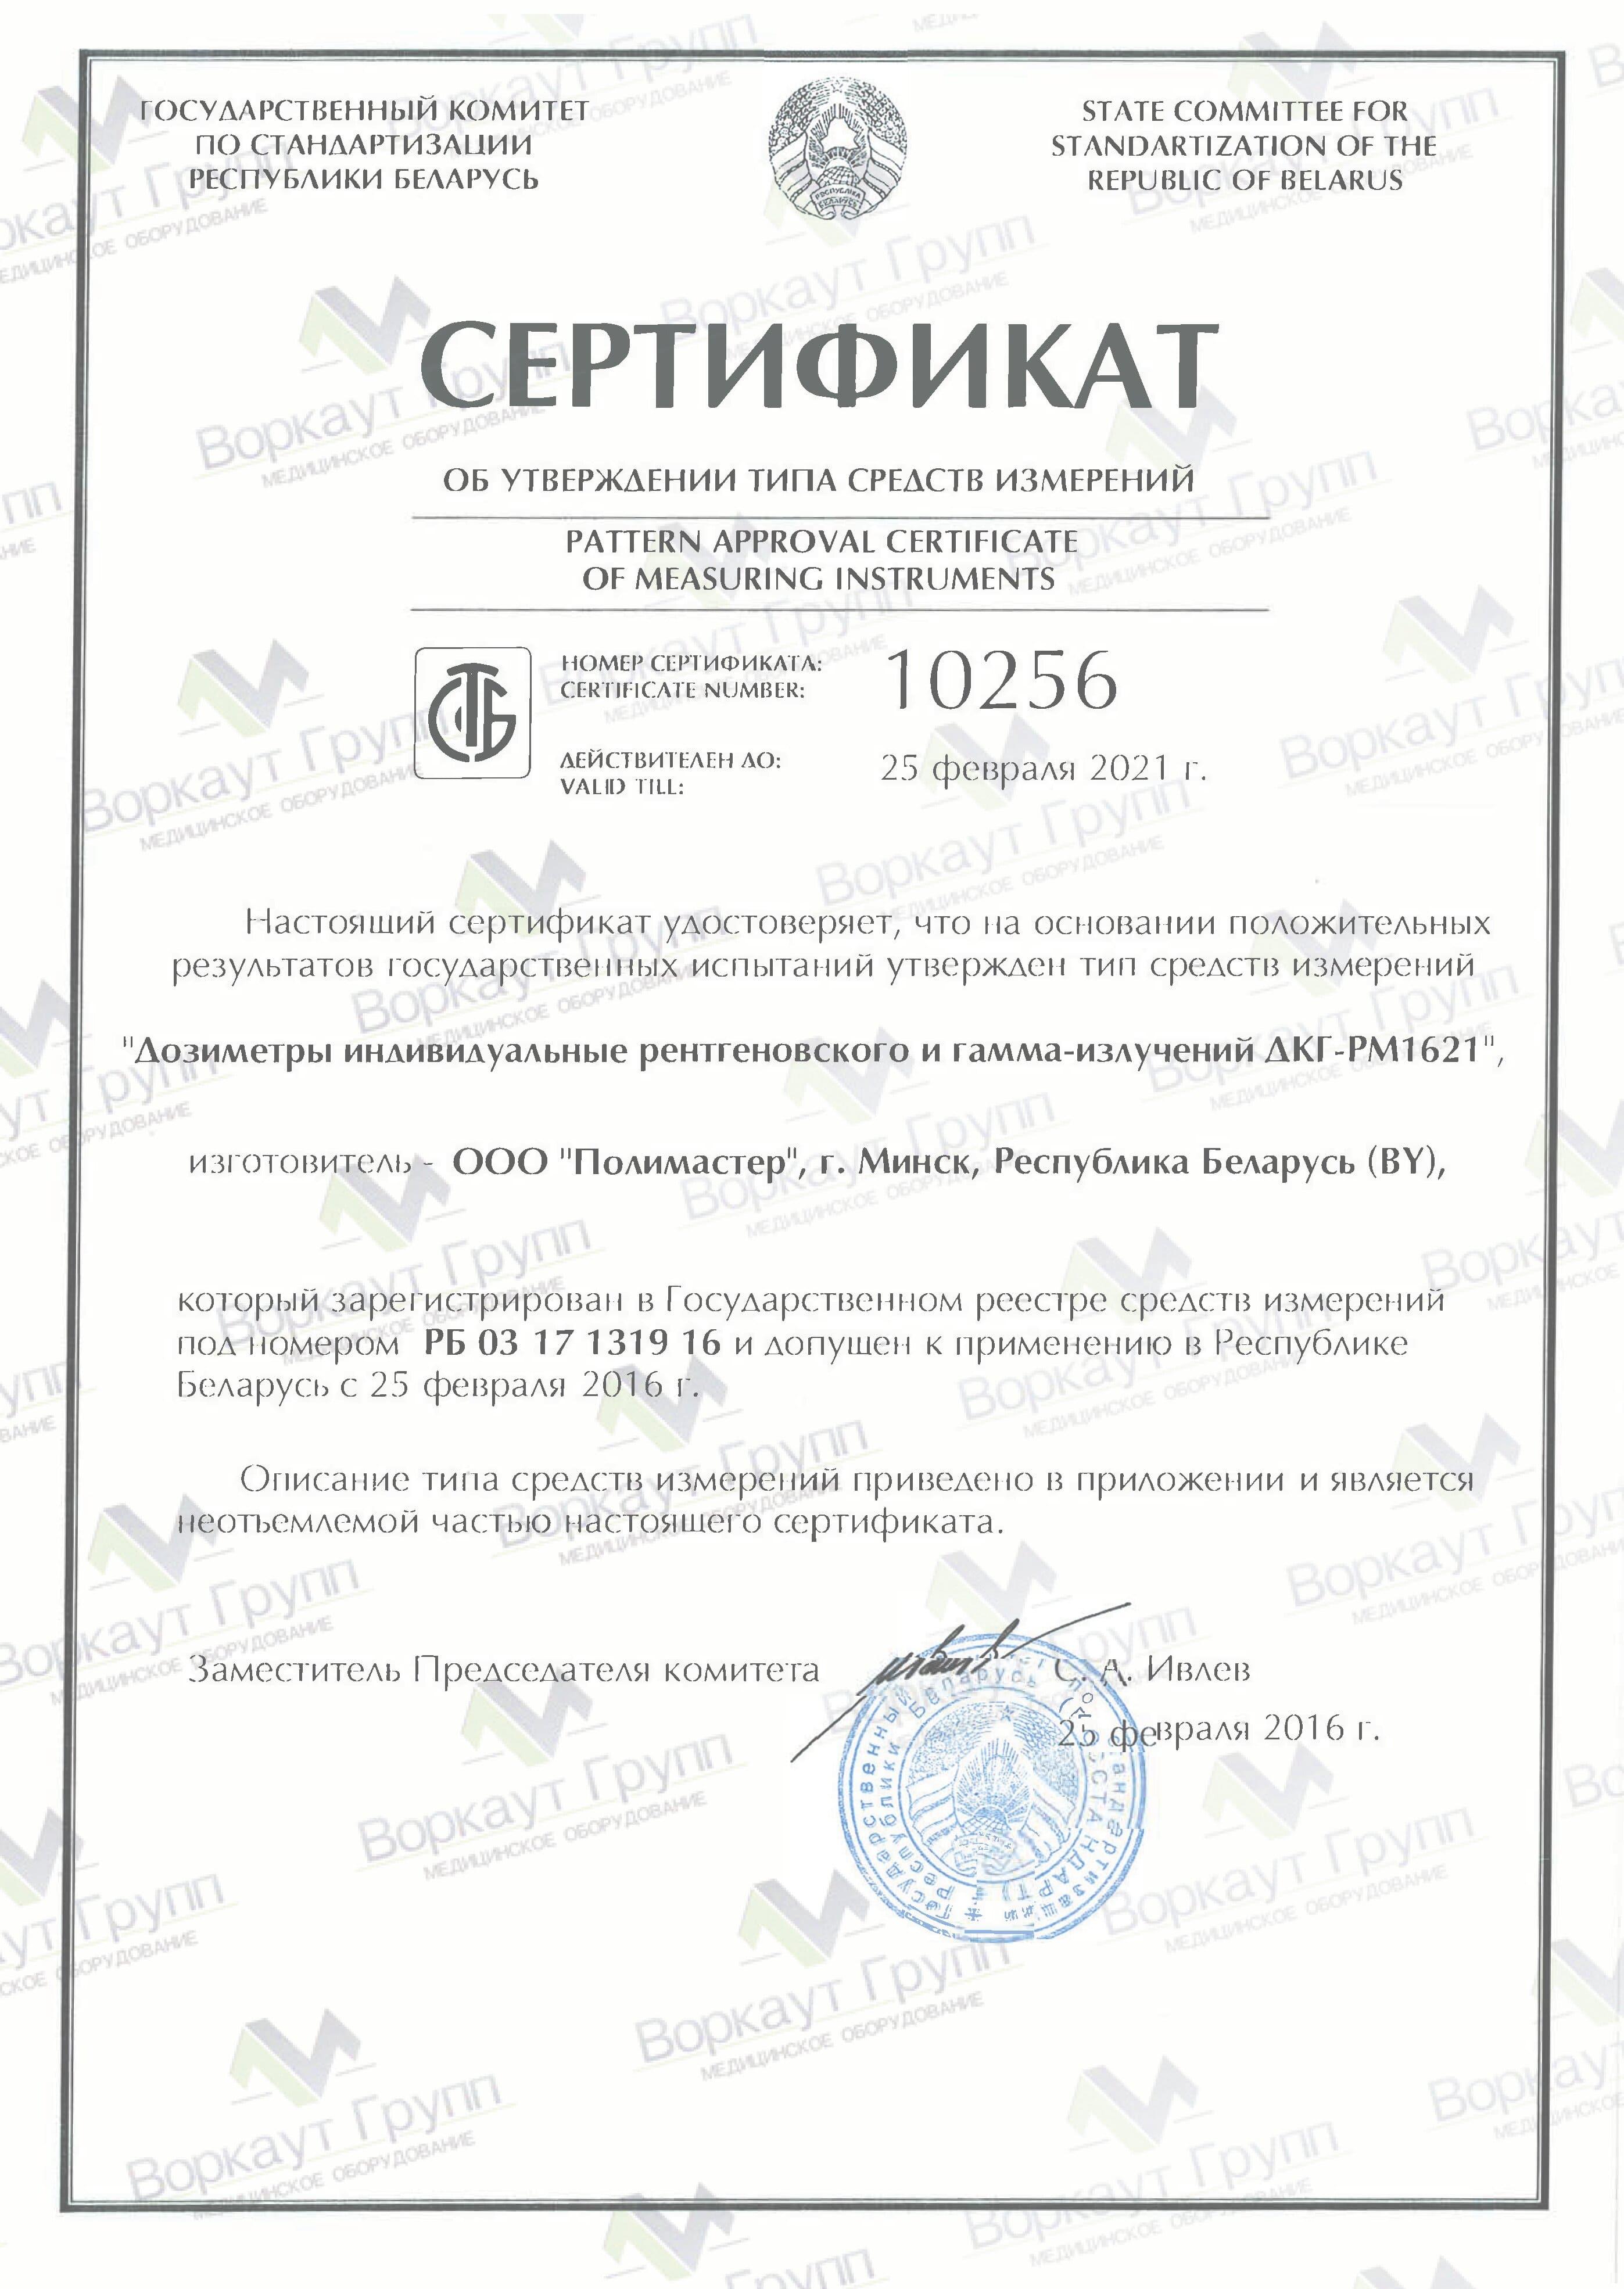 Сертификат Дозиметр индивидуальный ДКГРМ1621 (РБ)